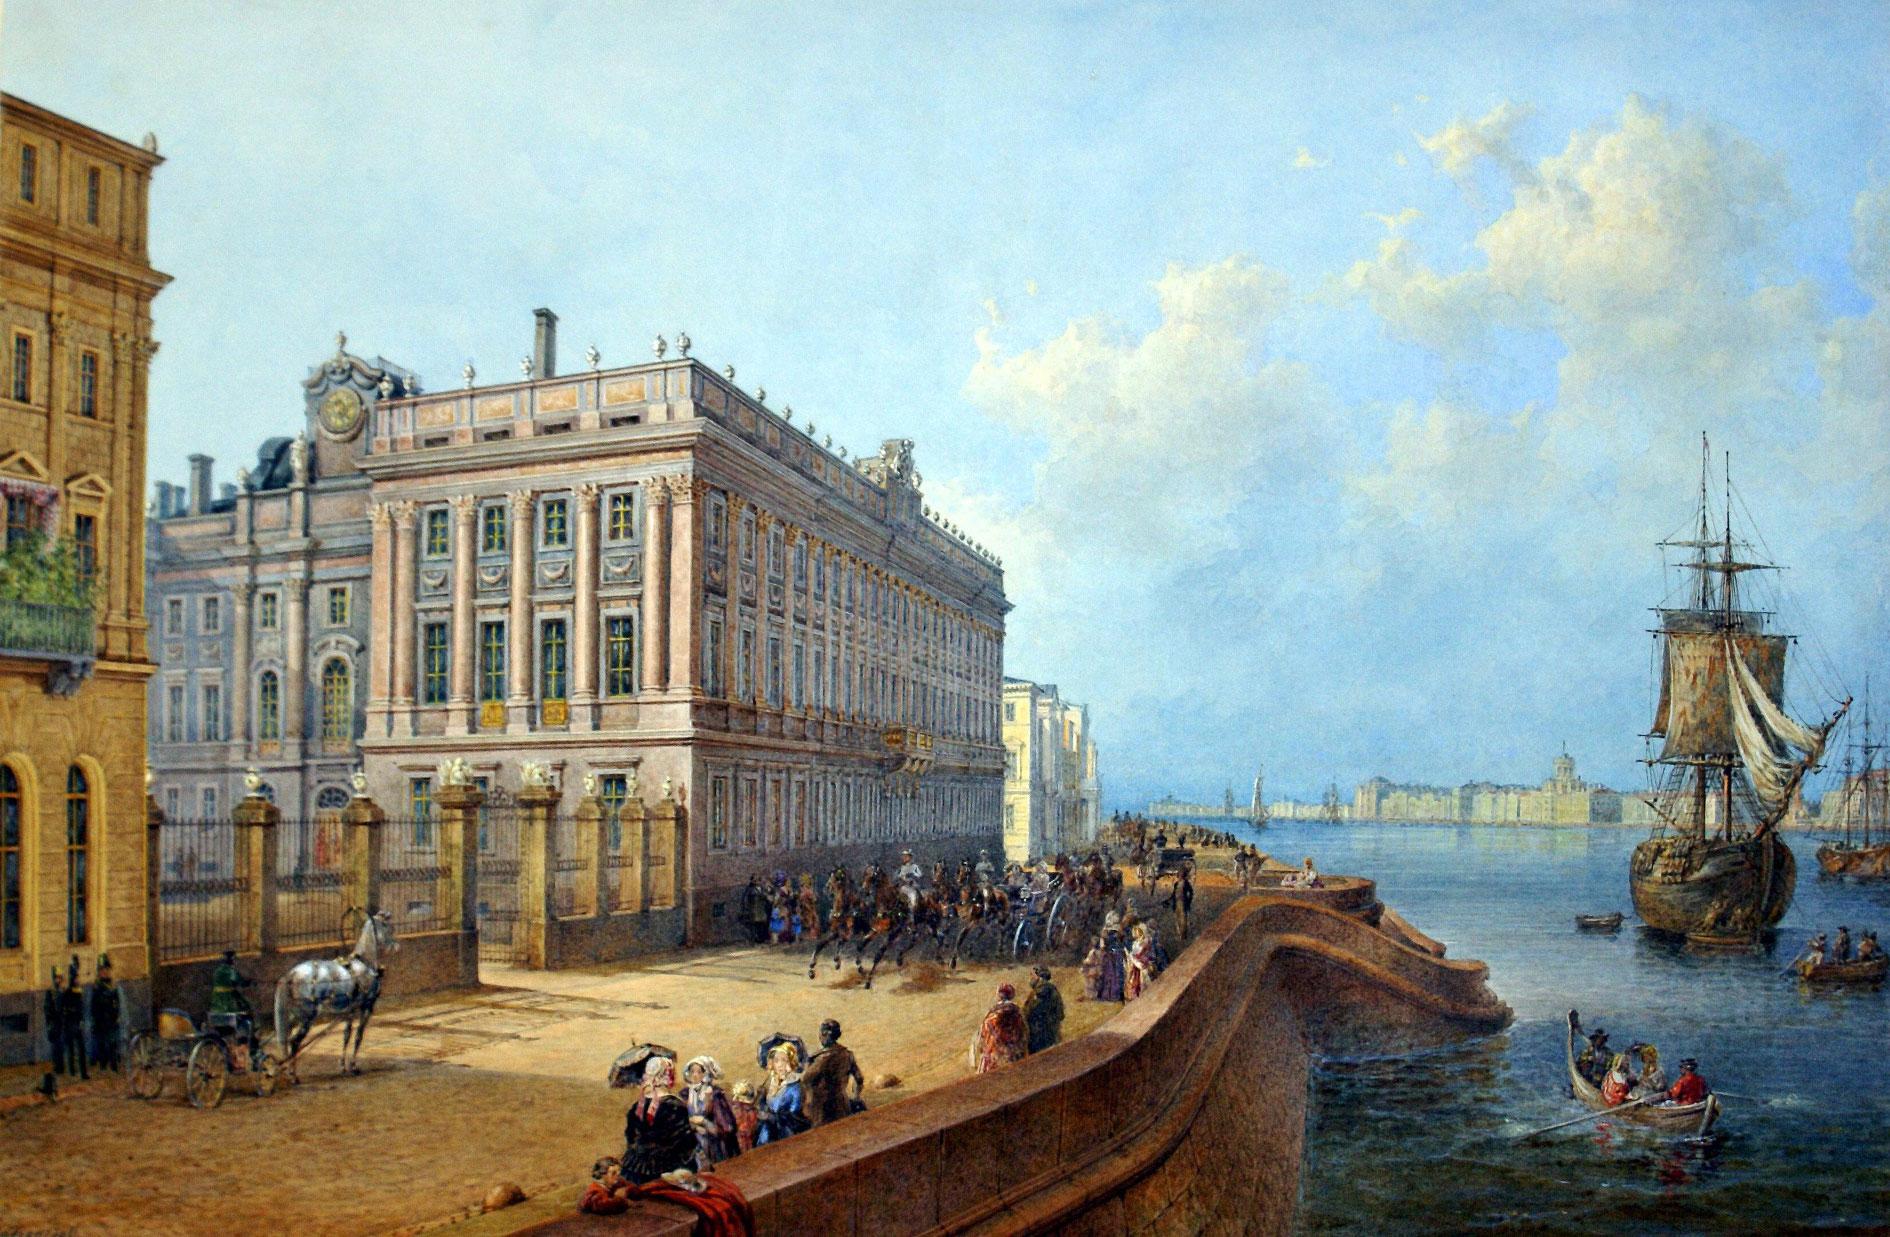 Вид Мраморного дворца со стороны Невы. Картина Садовника В.С., 1847г.